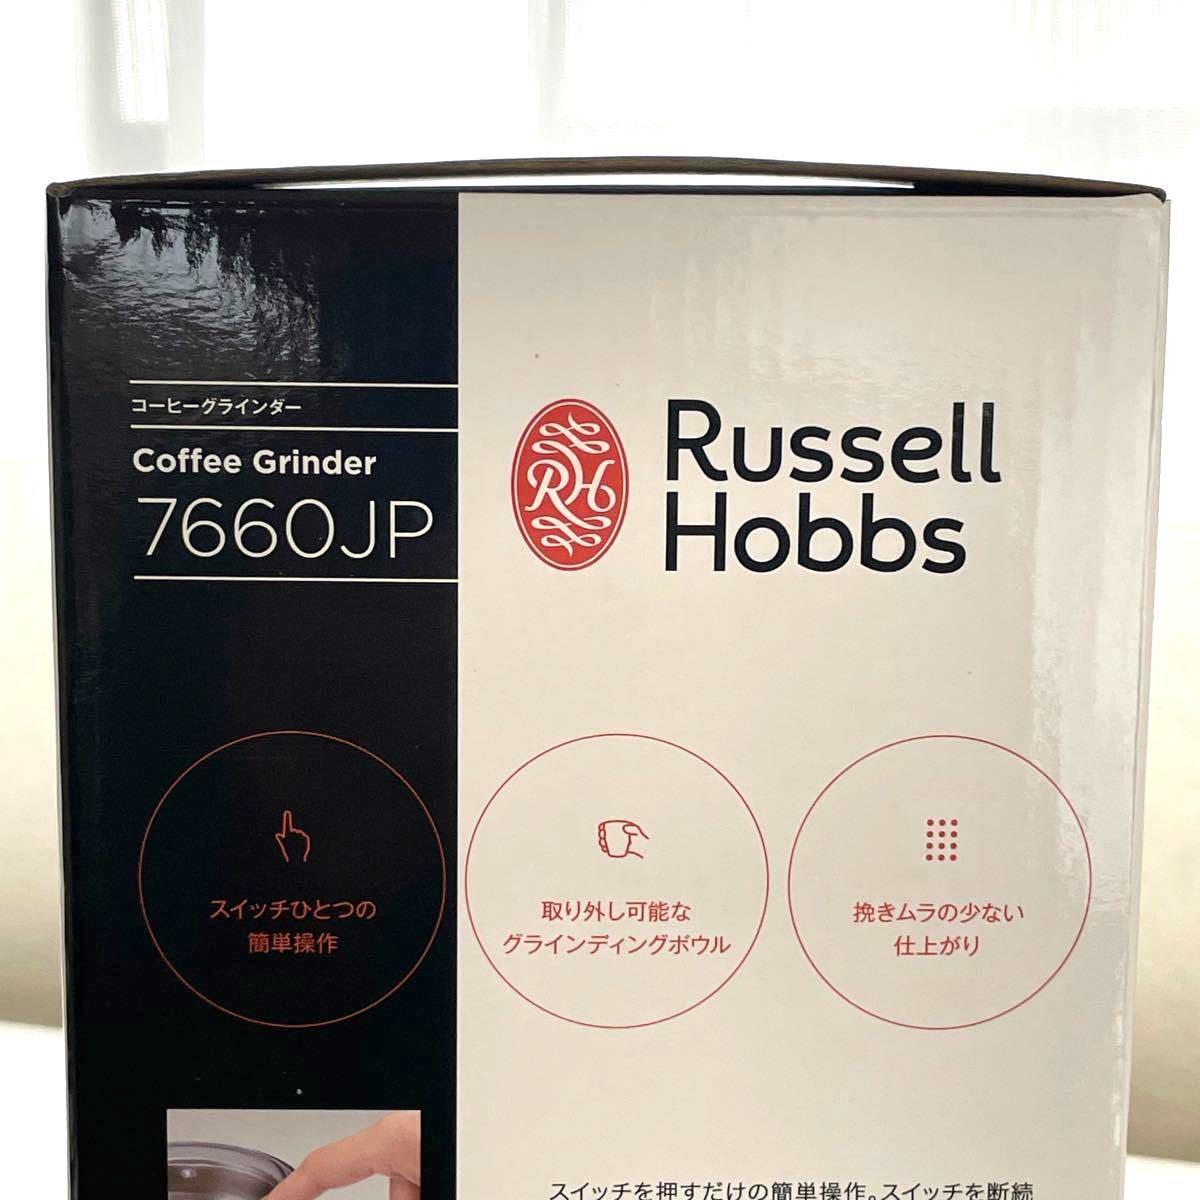 ラッセルホブス コーヒーグラインダー 7660JP